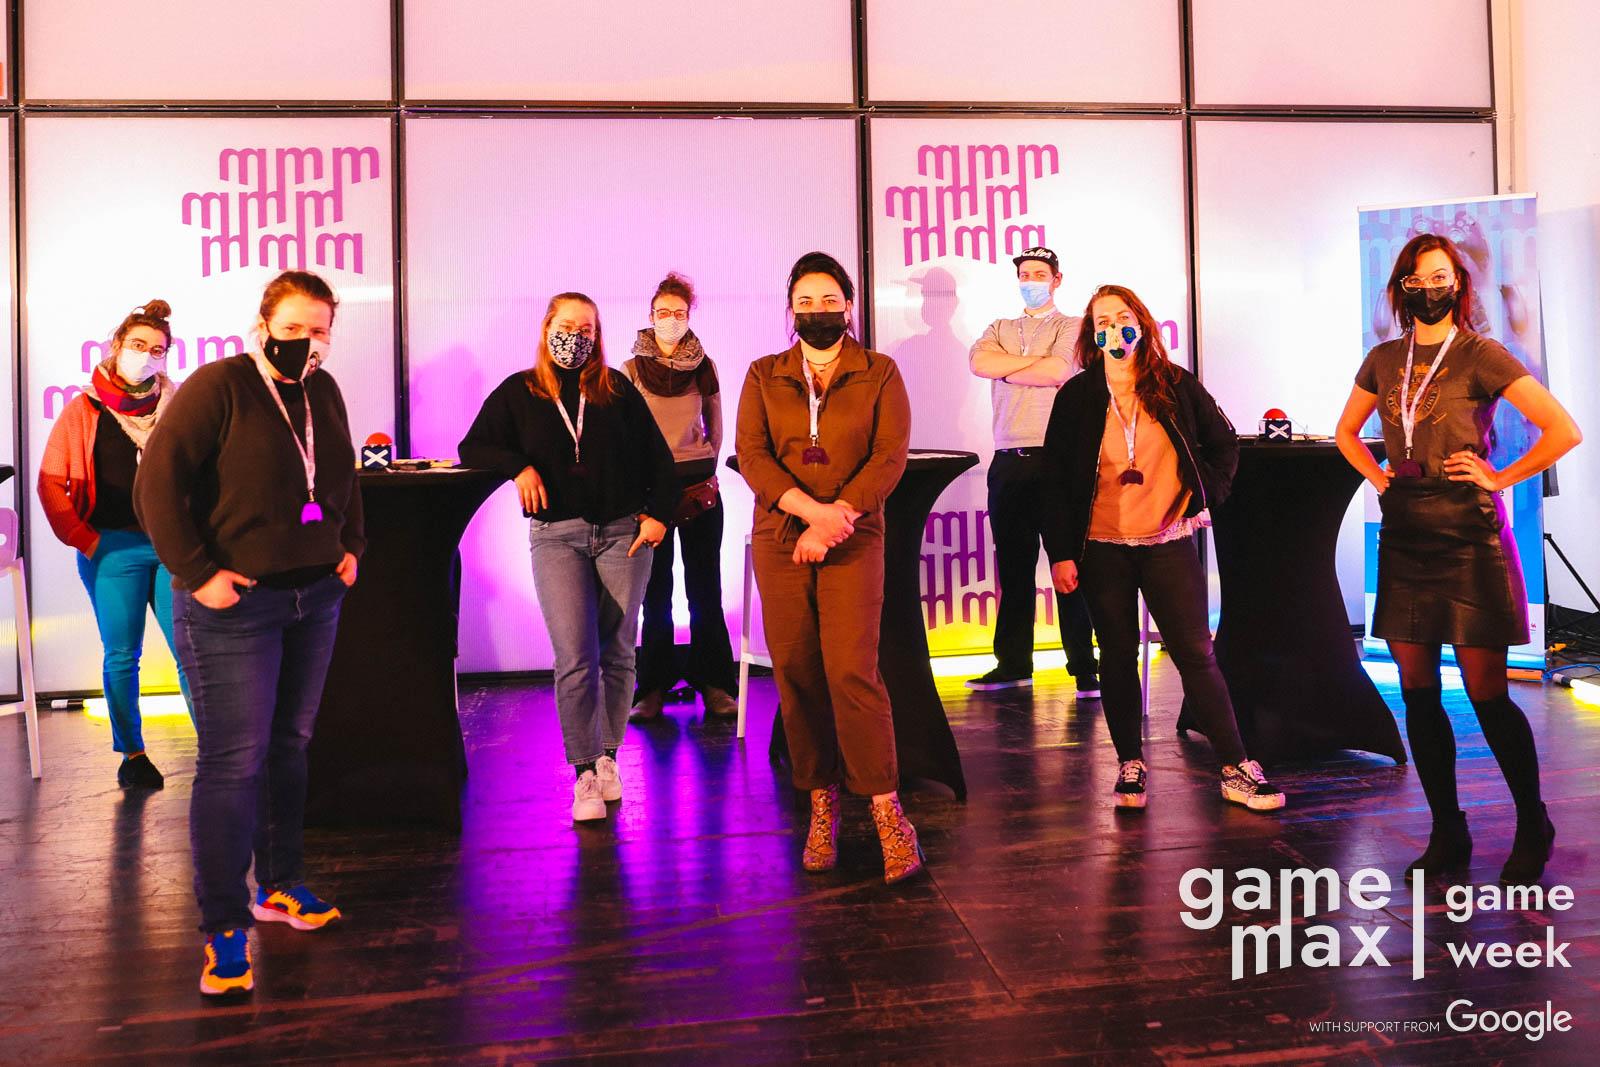 L'équipe de la GameWeek 2021 de G. à D. : Pauline Moulin, Amélie Kestermans, Louise Duquesne, Cathel Van Renterghem, Savine Moucheron, Colin Rapaille, Cerise Laby, Julie Brughmans.